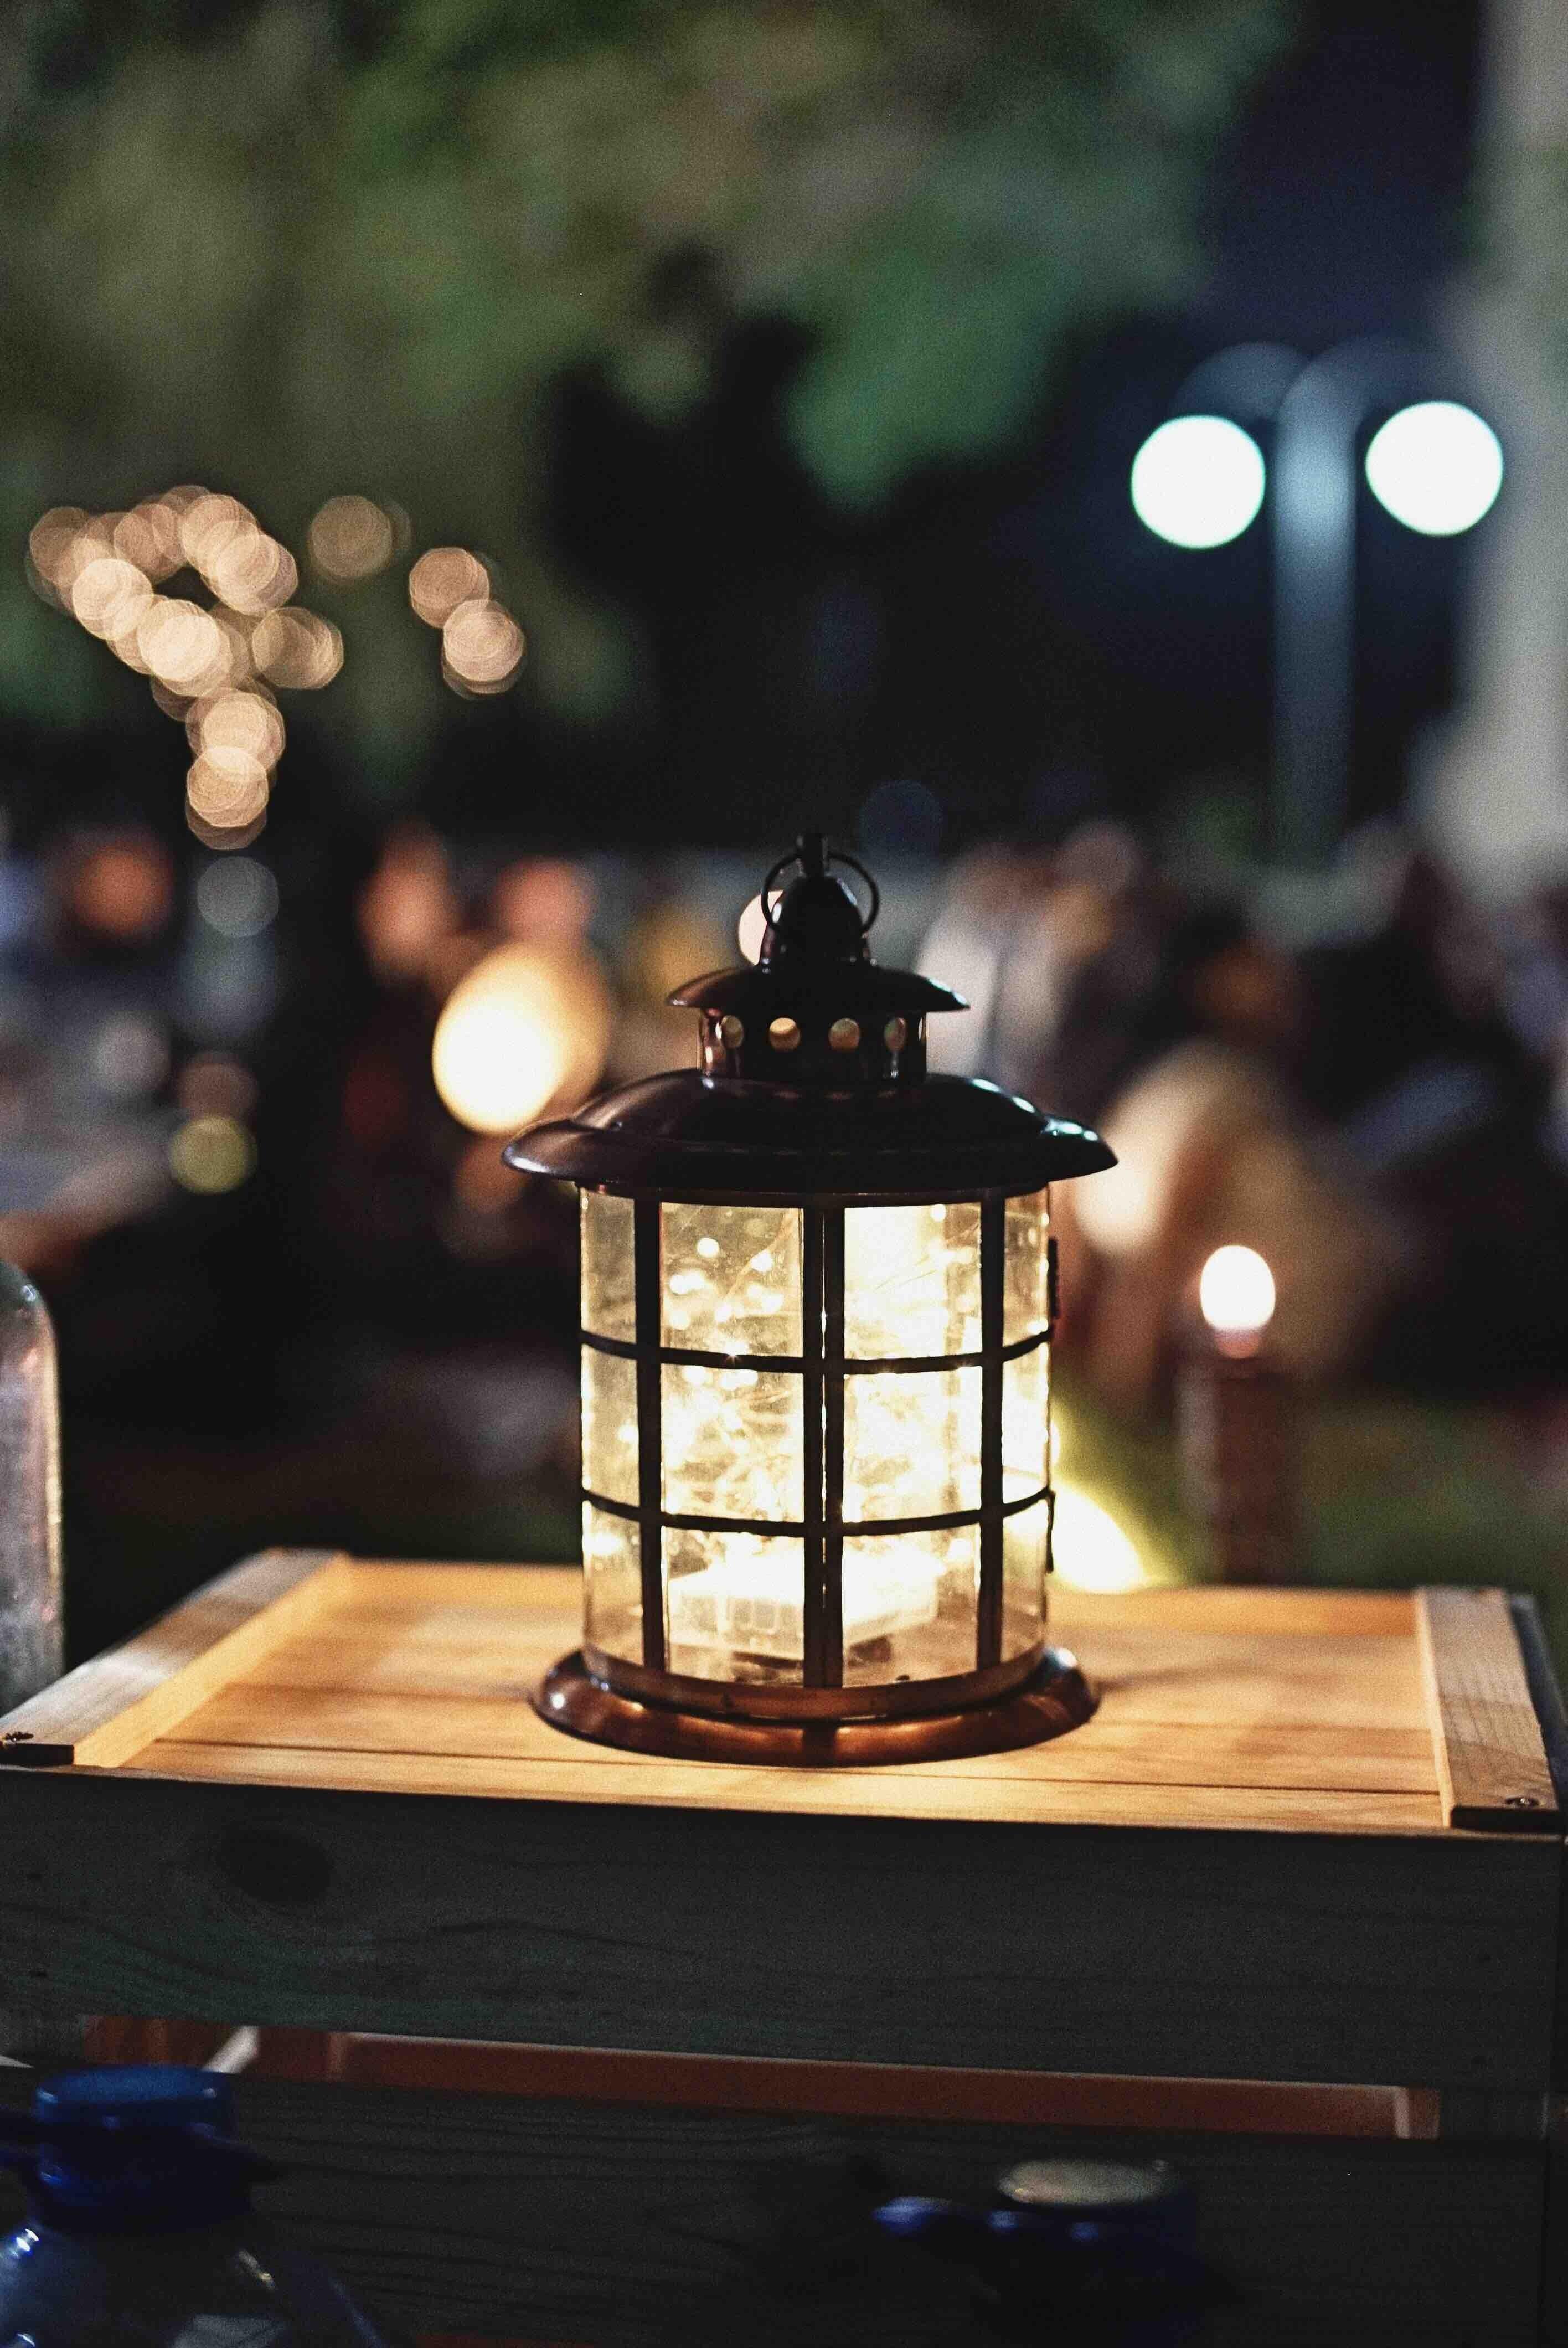 Deco De Mariage Champetre Lanterne Vintage Retro Pour Le Bal Lampe Solaire Jardin Lampe Deco Mariage Champetre